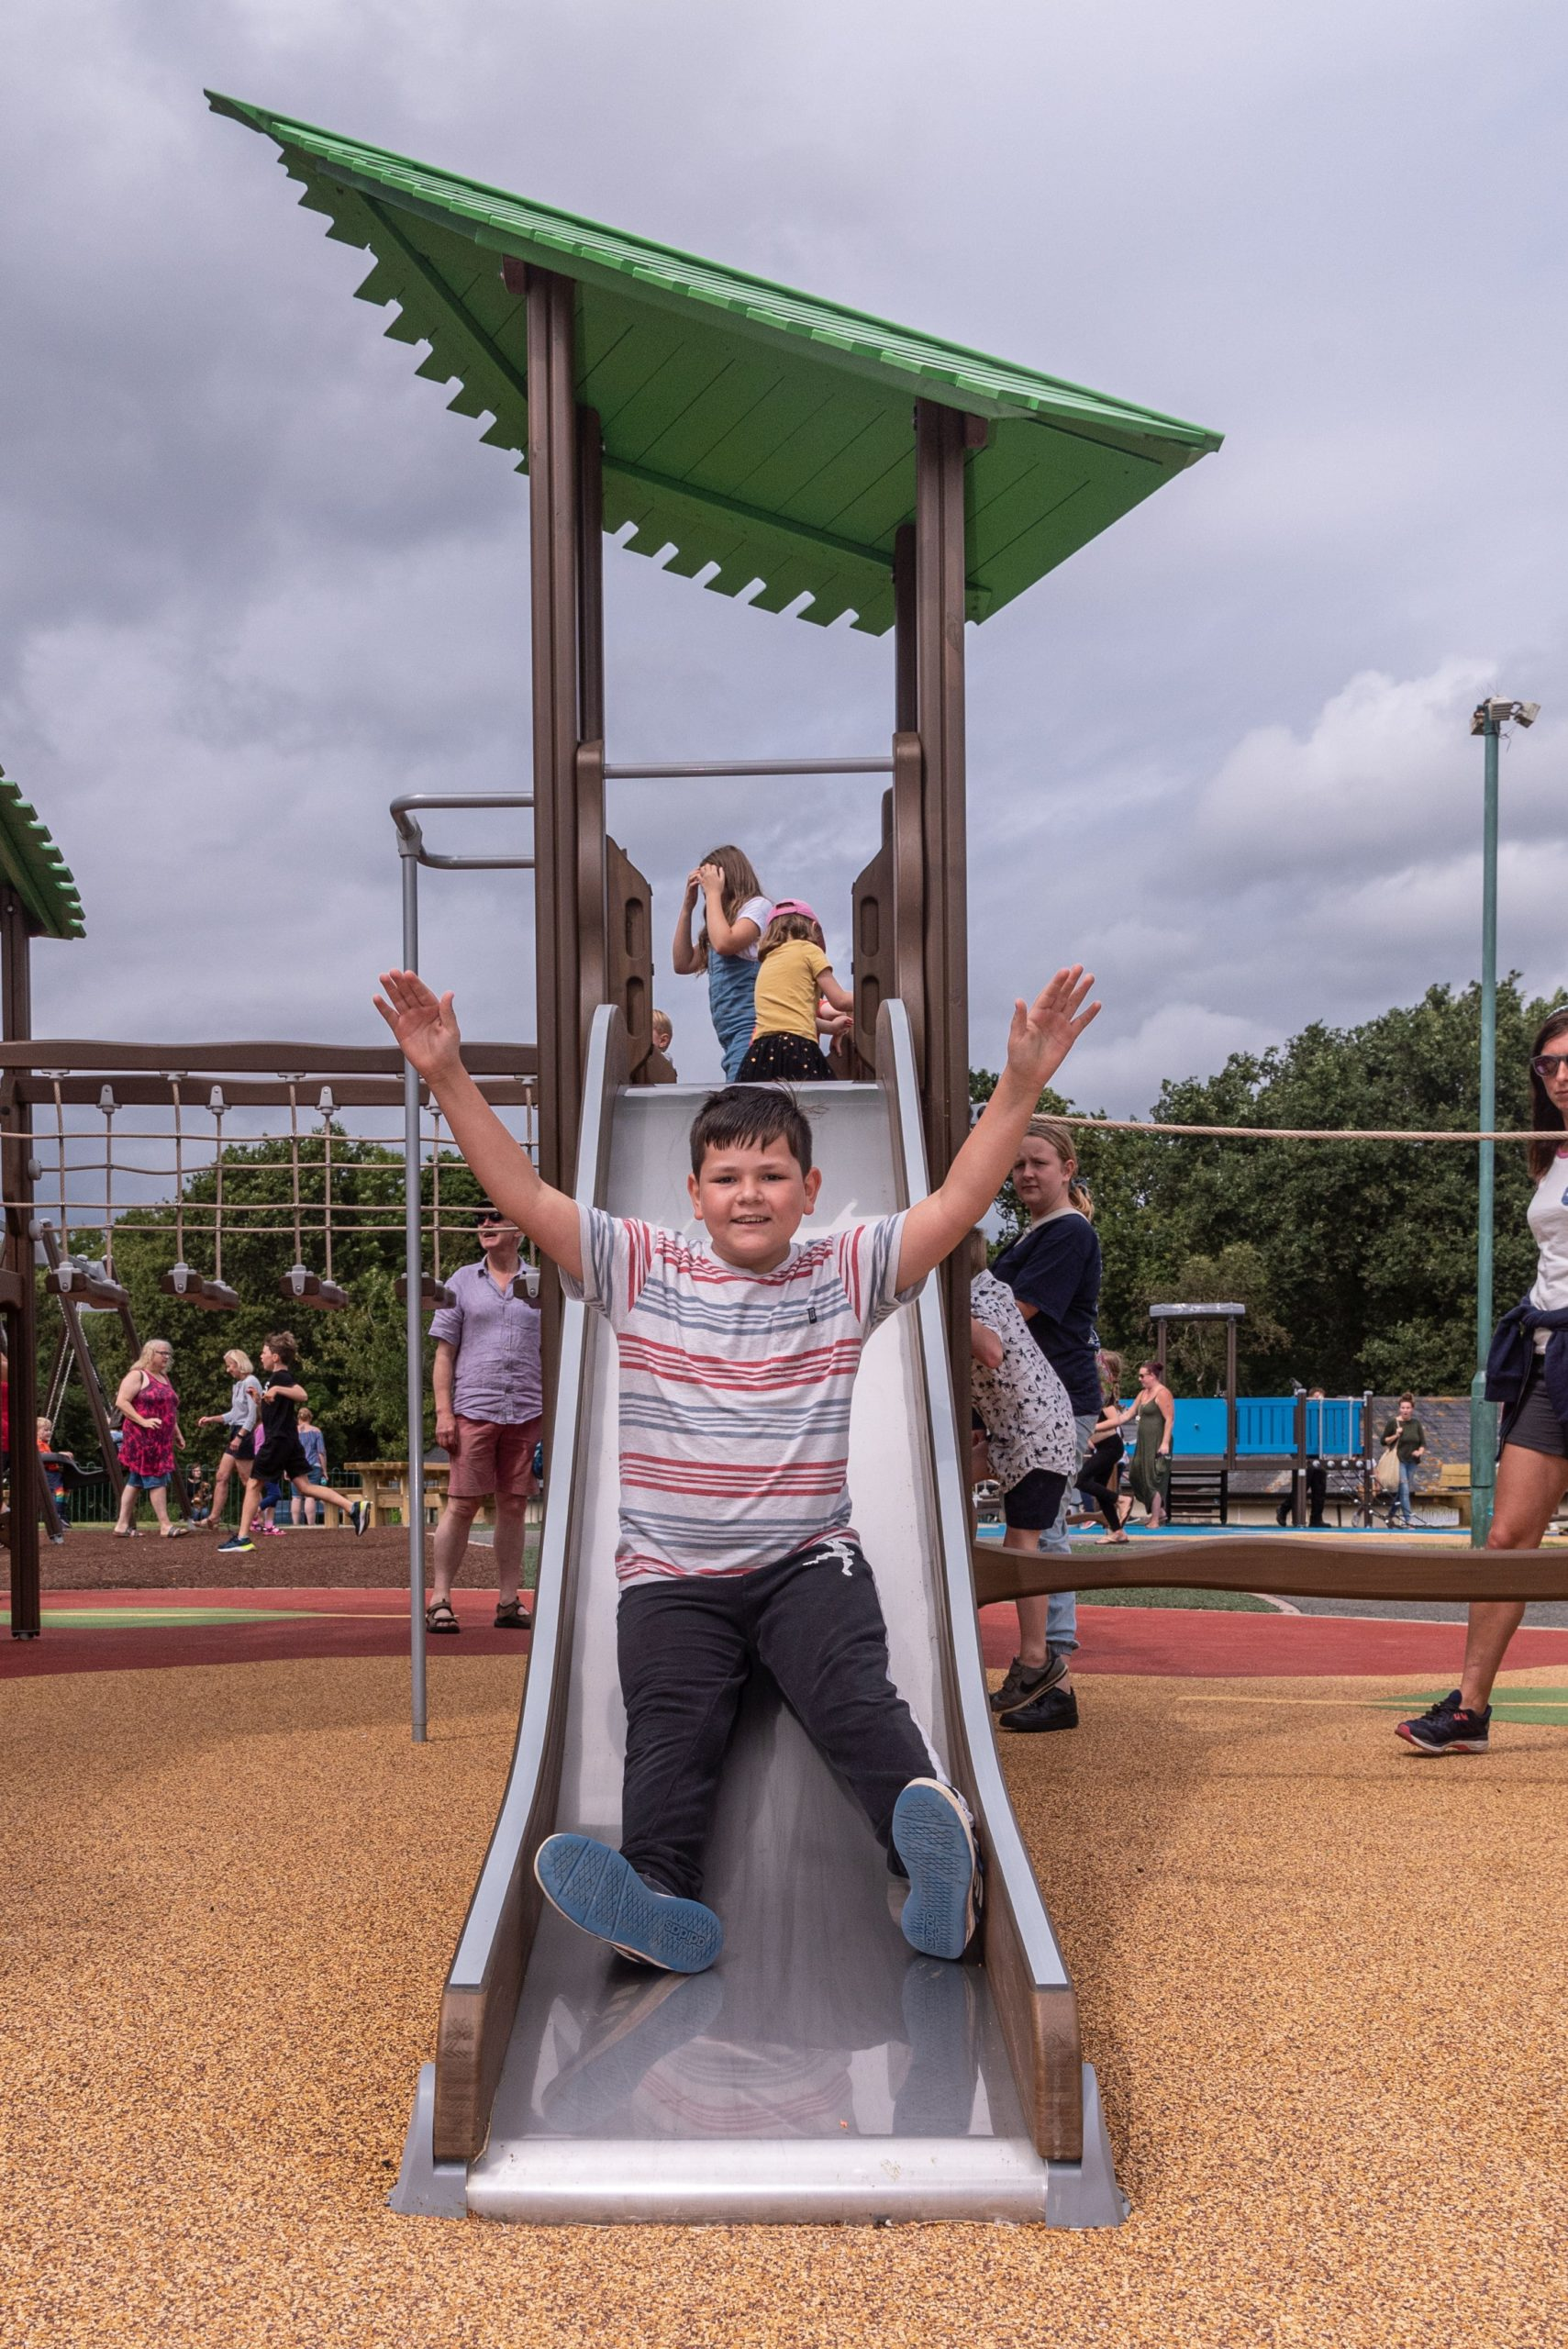 Child going down slide